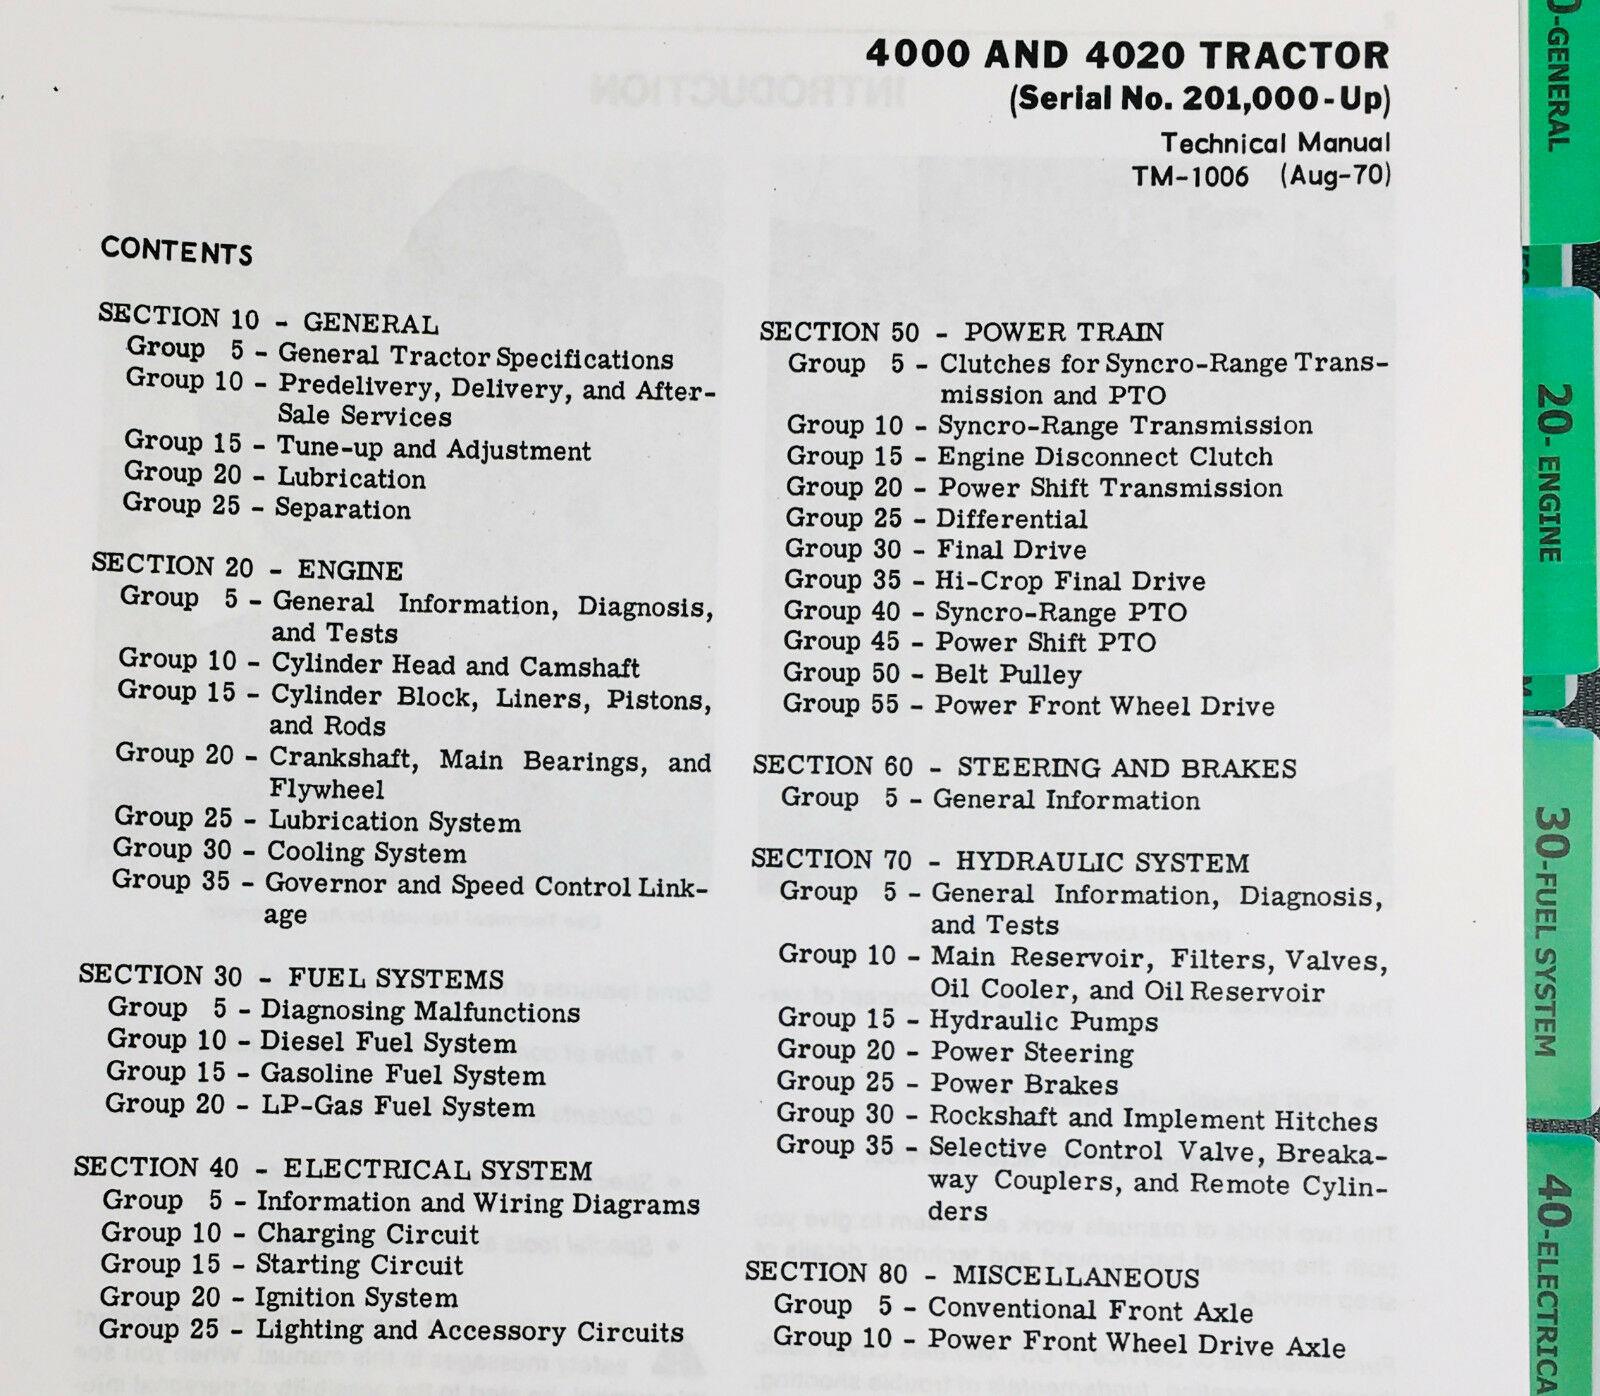 ZE_4963] John Deere Service Manuals John Deere 4020 Wiring Diagram John  Deere Wiring DiagramEstep Mopar Lectu Stap Scata Kapemie Mohammedshrine Librar Wiring 101